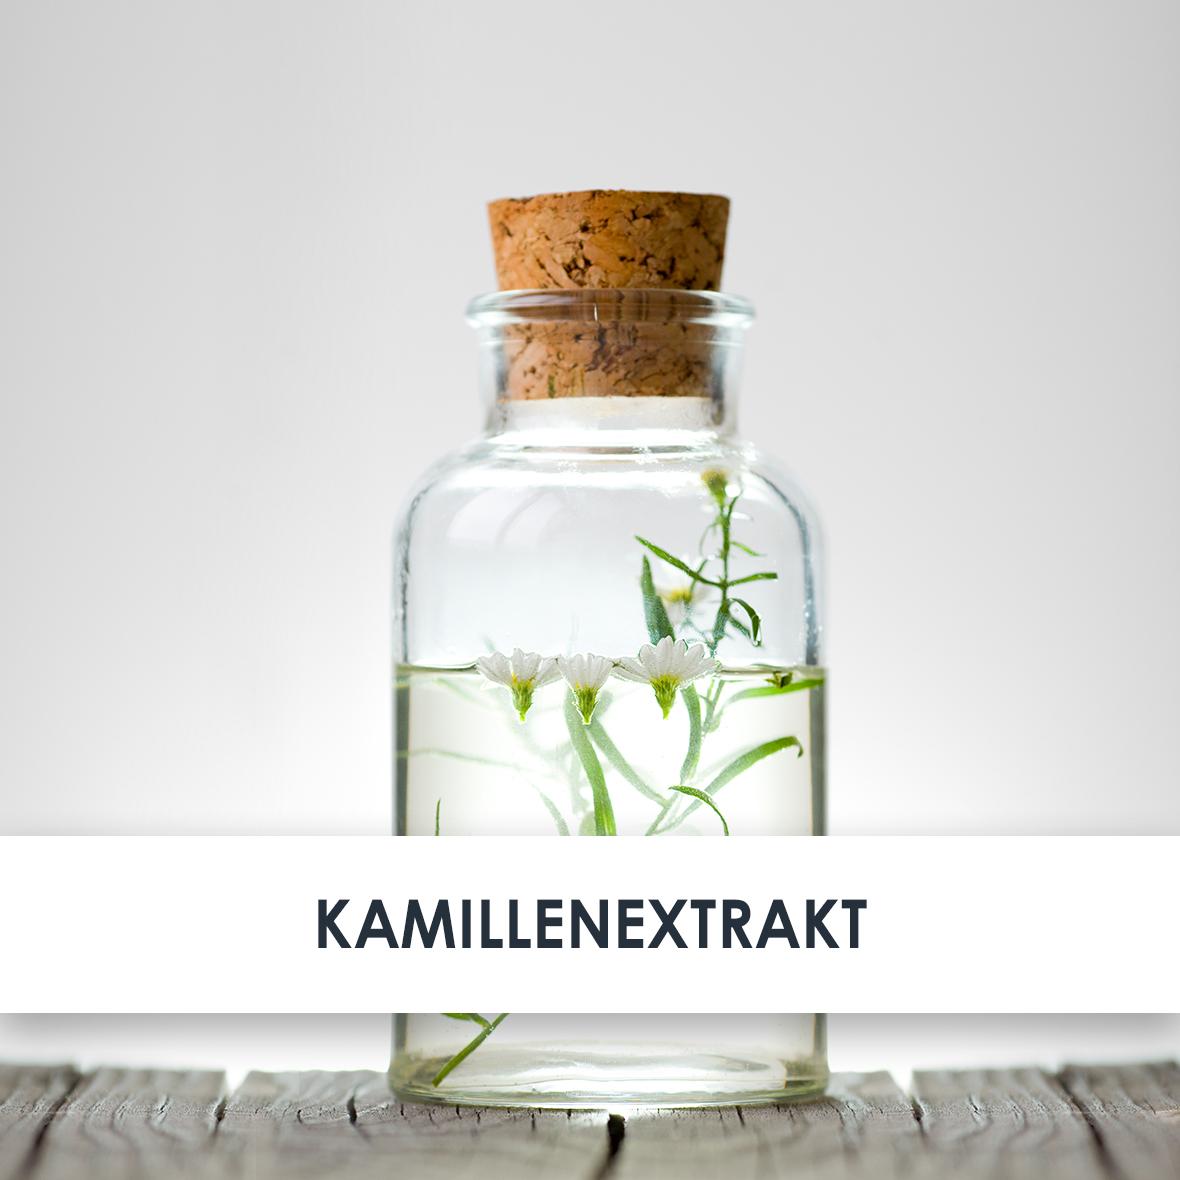 Wirkstoff Kamillenextrakt